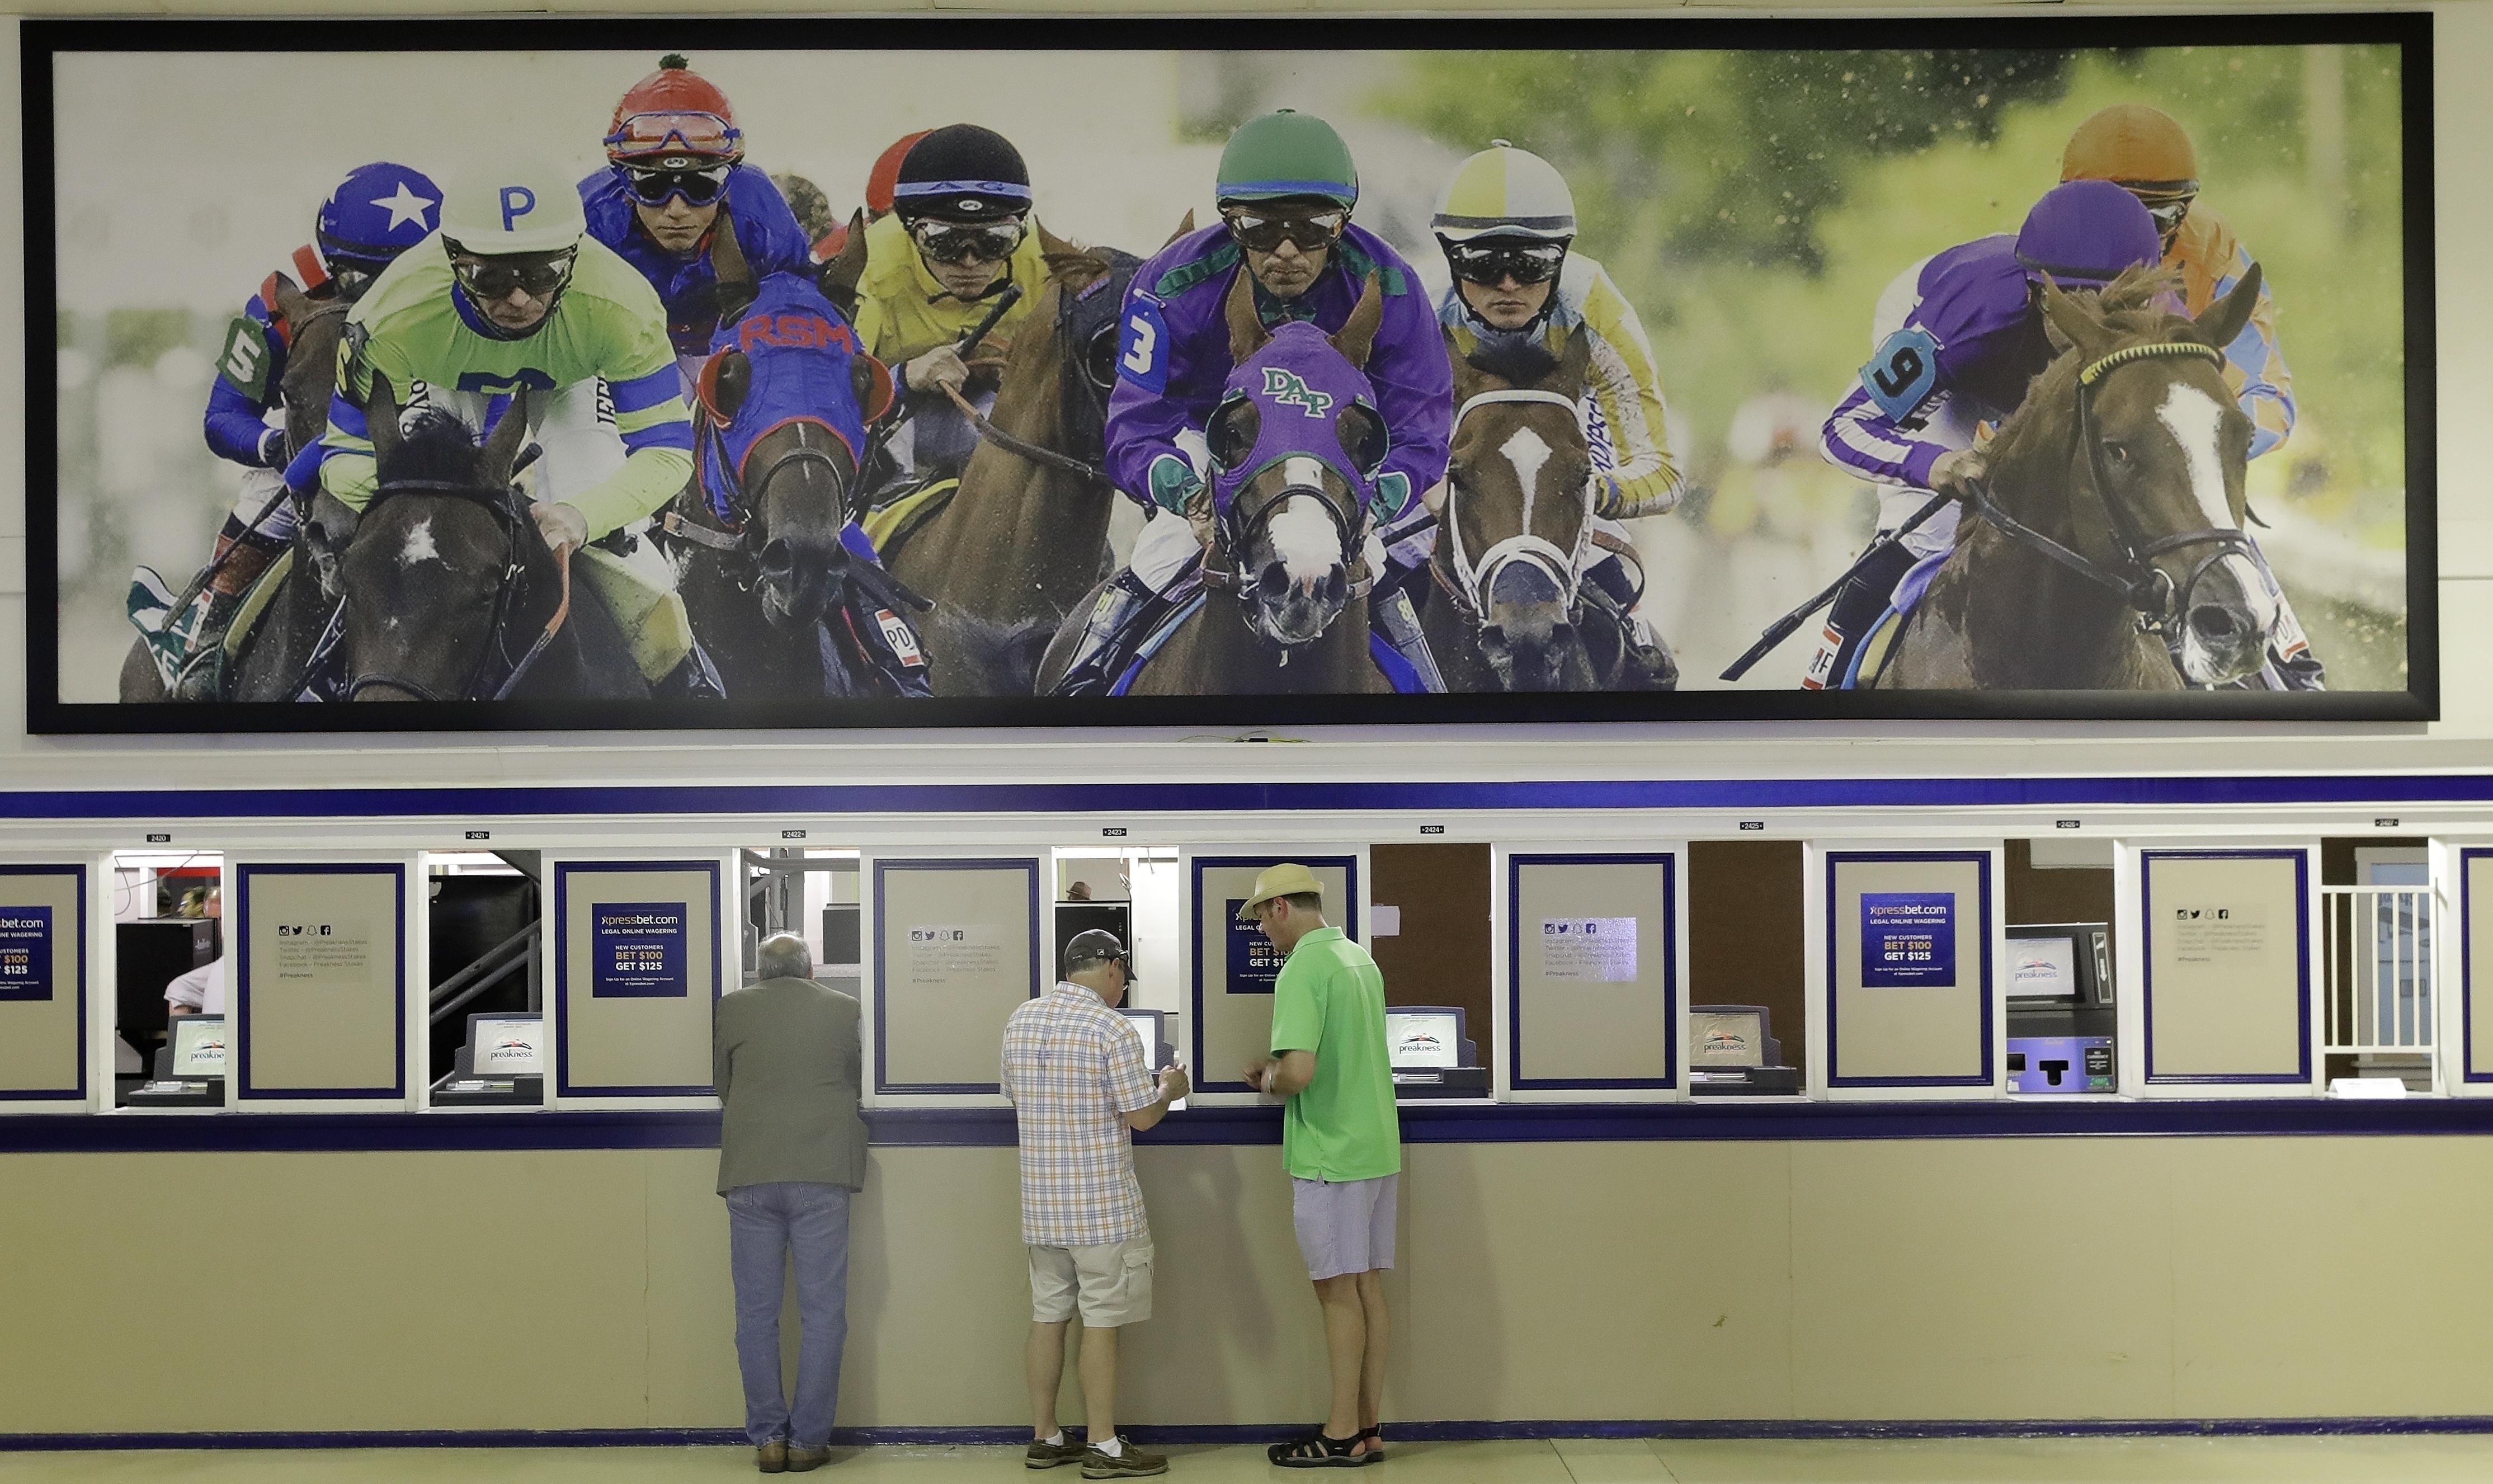 Regii pariurilor și programul-minune care învinge hazardul